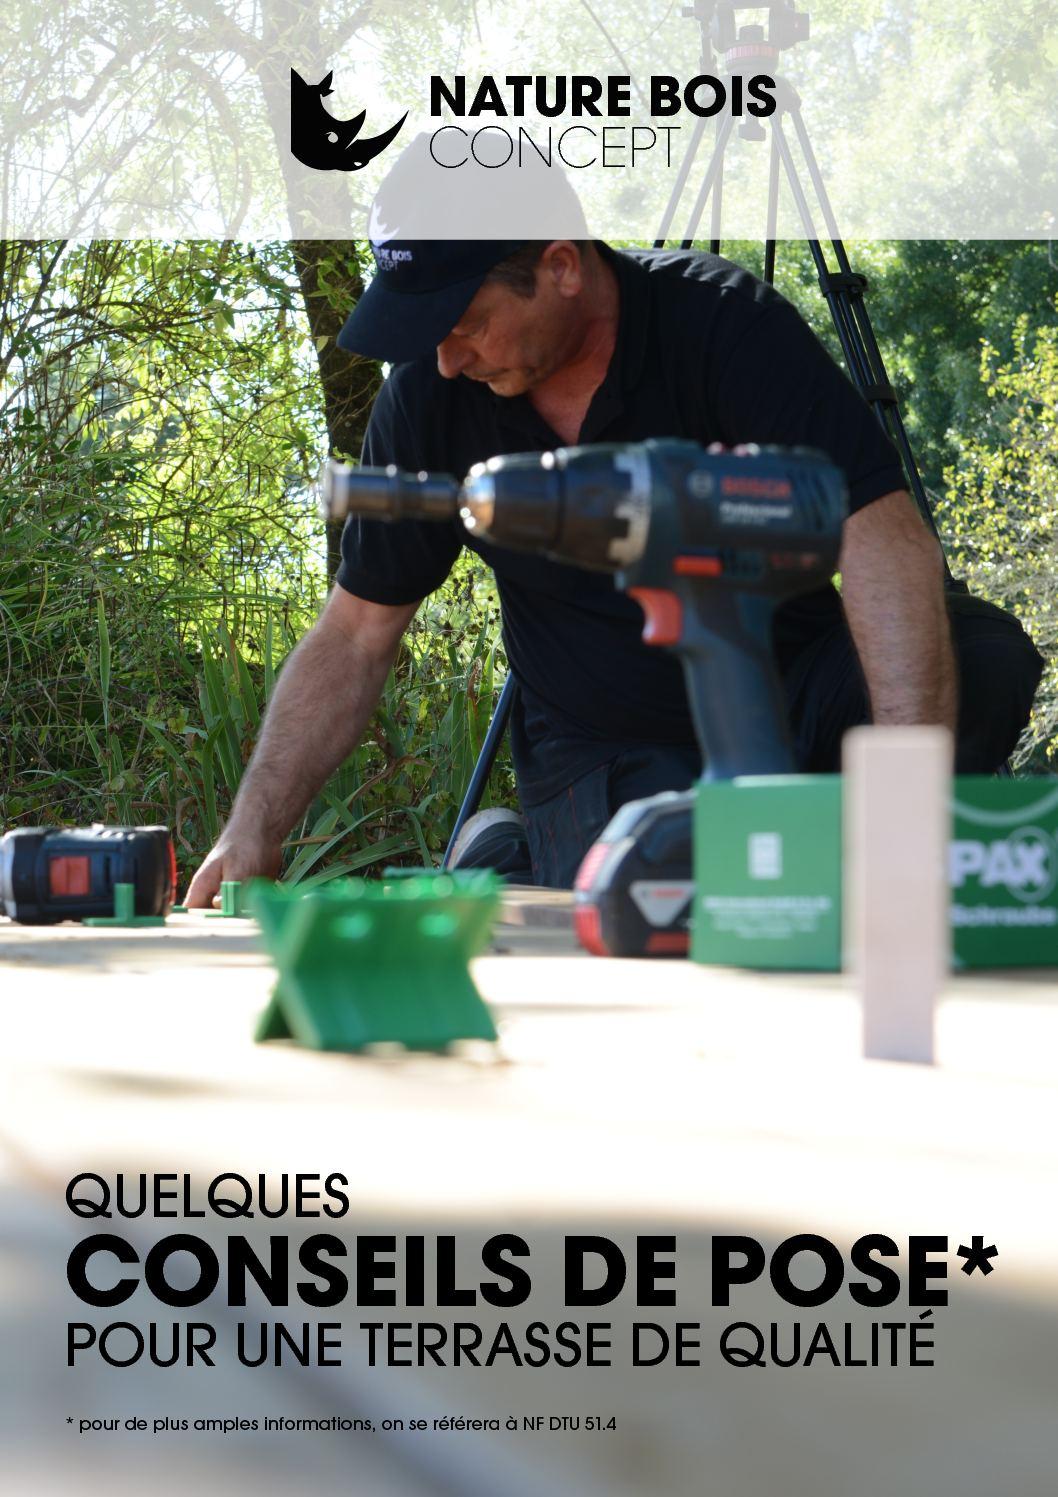 Calam o conseil de pose terrasse bois nature bois concept - Nature bois concept rochefort ...